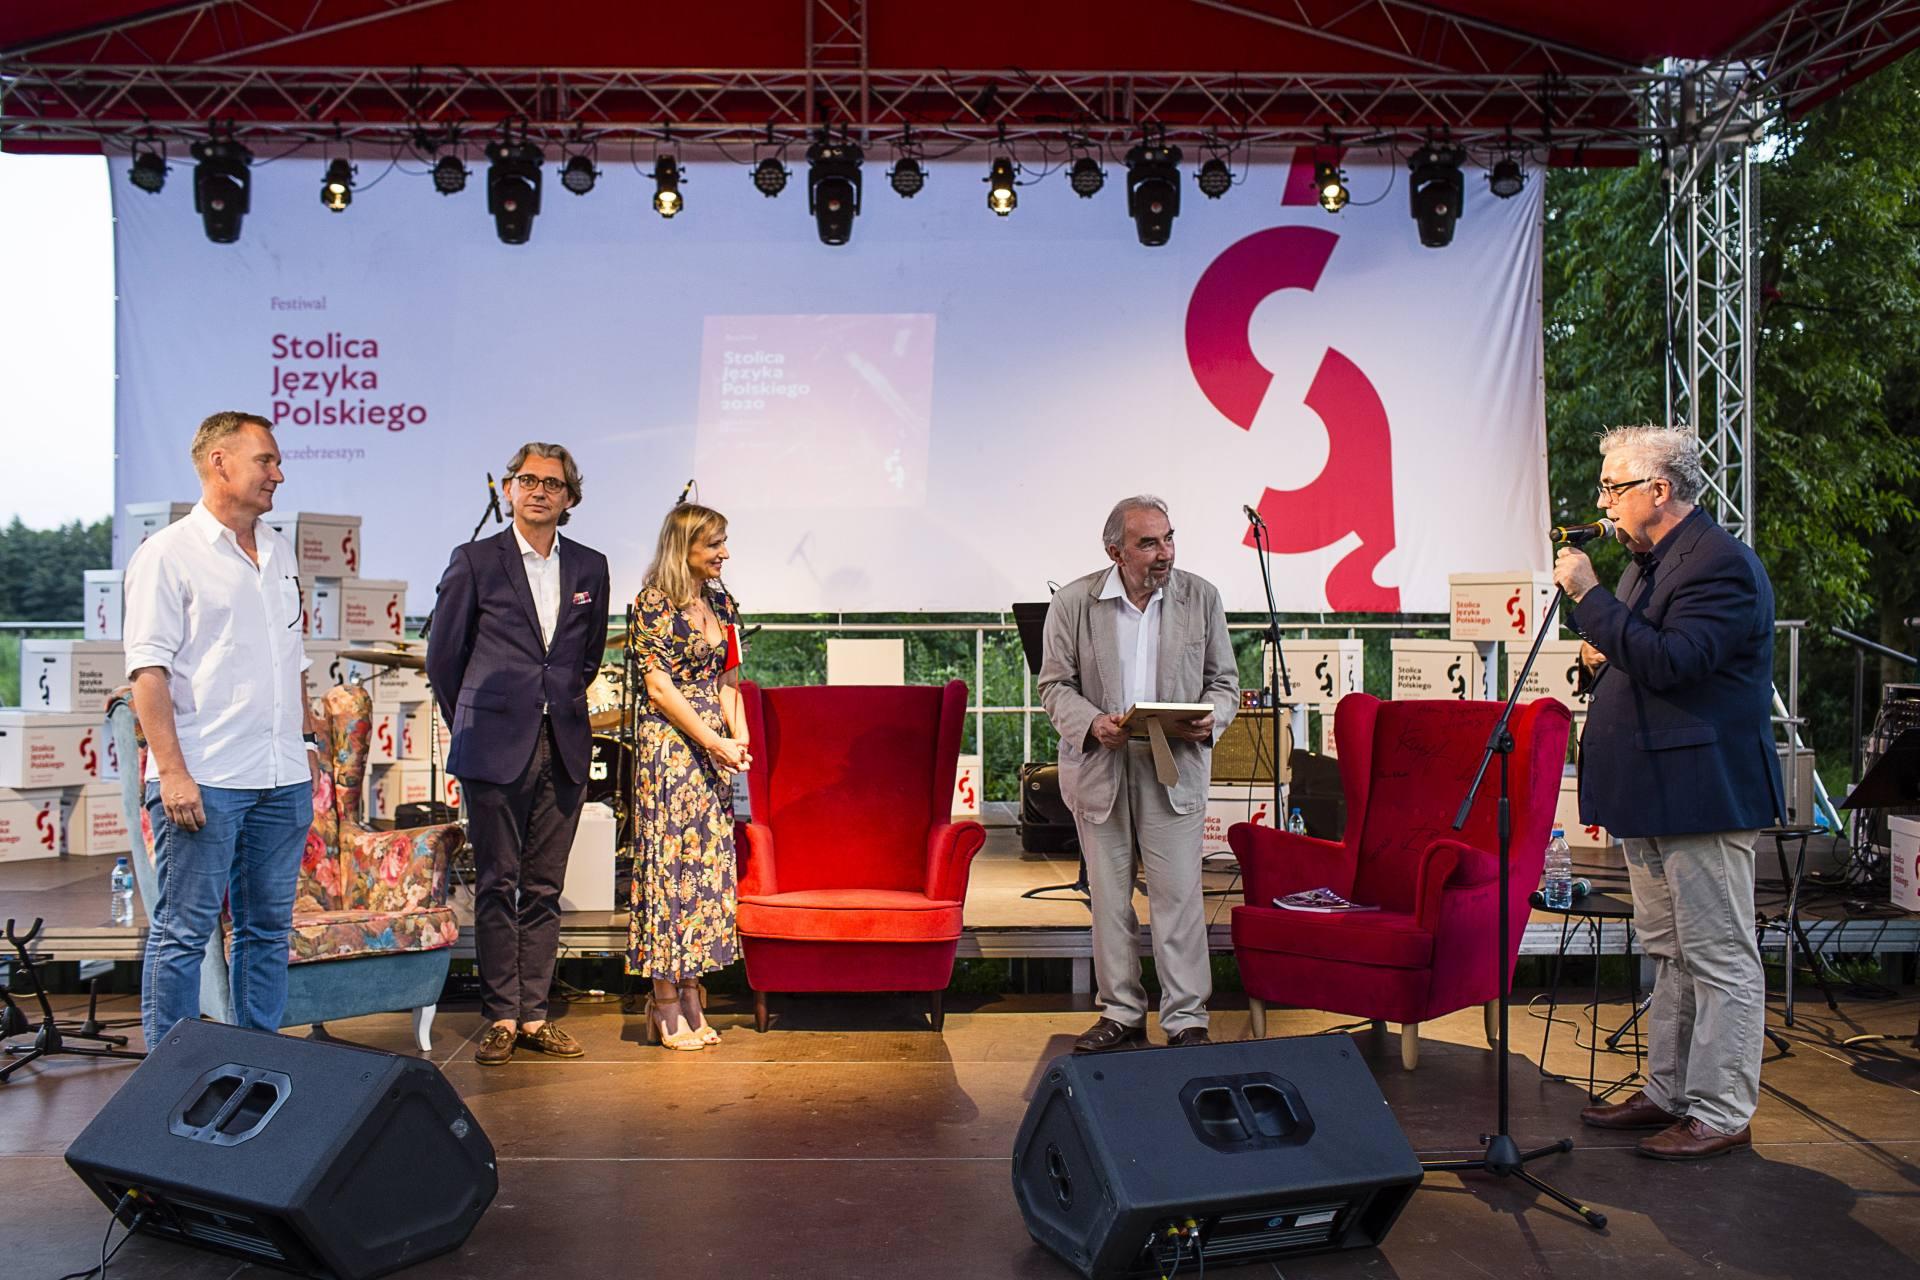 nagroda wielkiego redaktora fot wojciech lembryk Festiwal Stolica Języka Polskiego 2020 - znamy laureata Nagrody Wielkiego Redaktora.